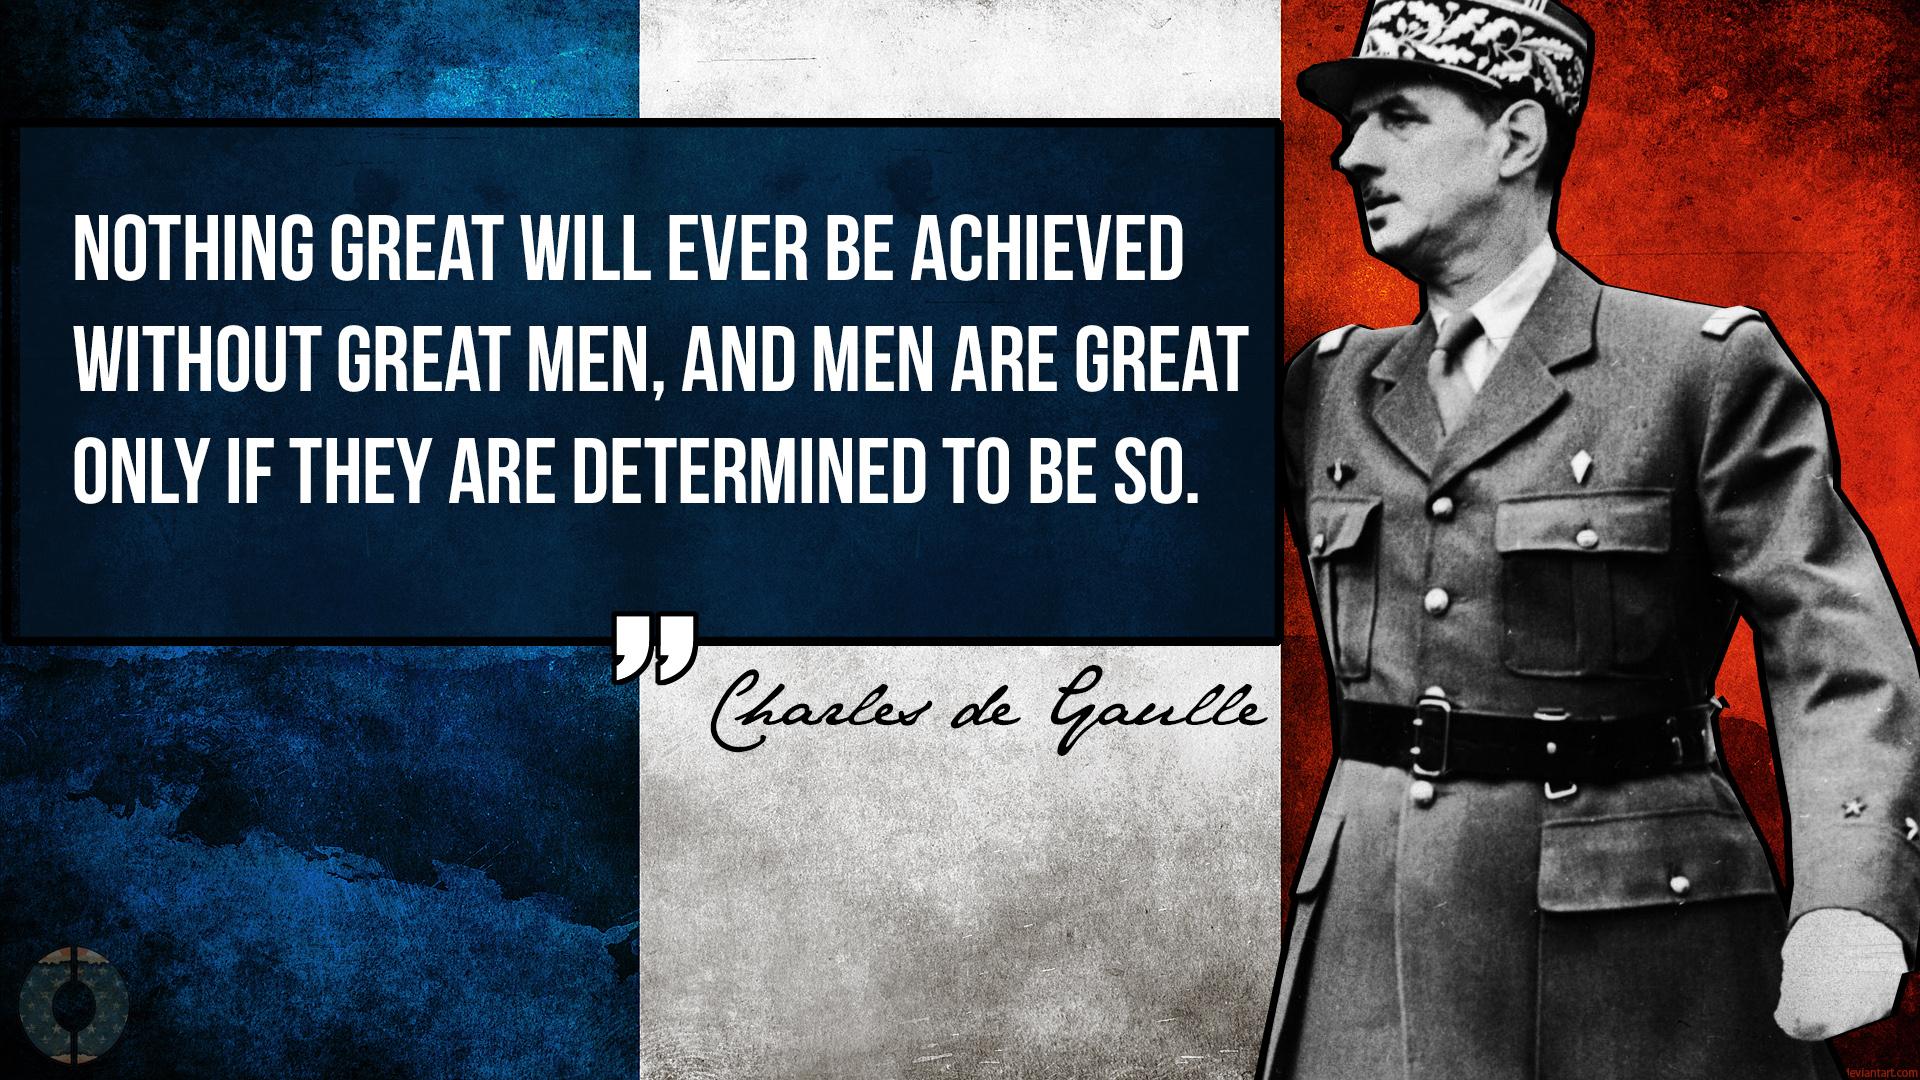 Charles de Gaulle great men quote